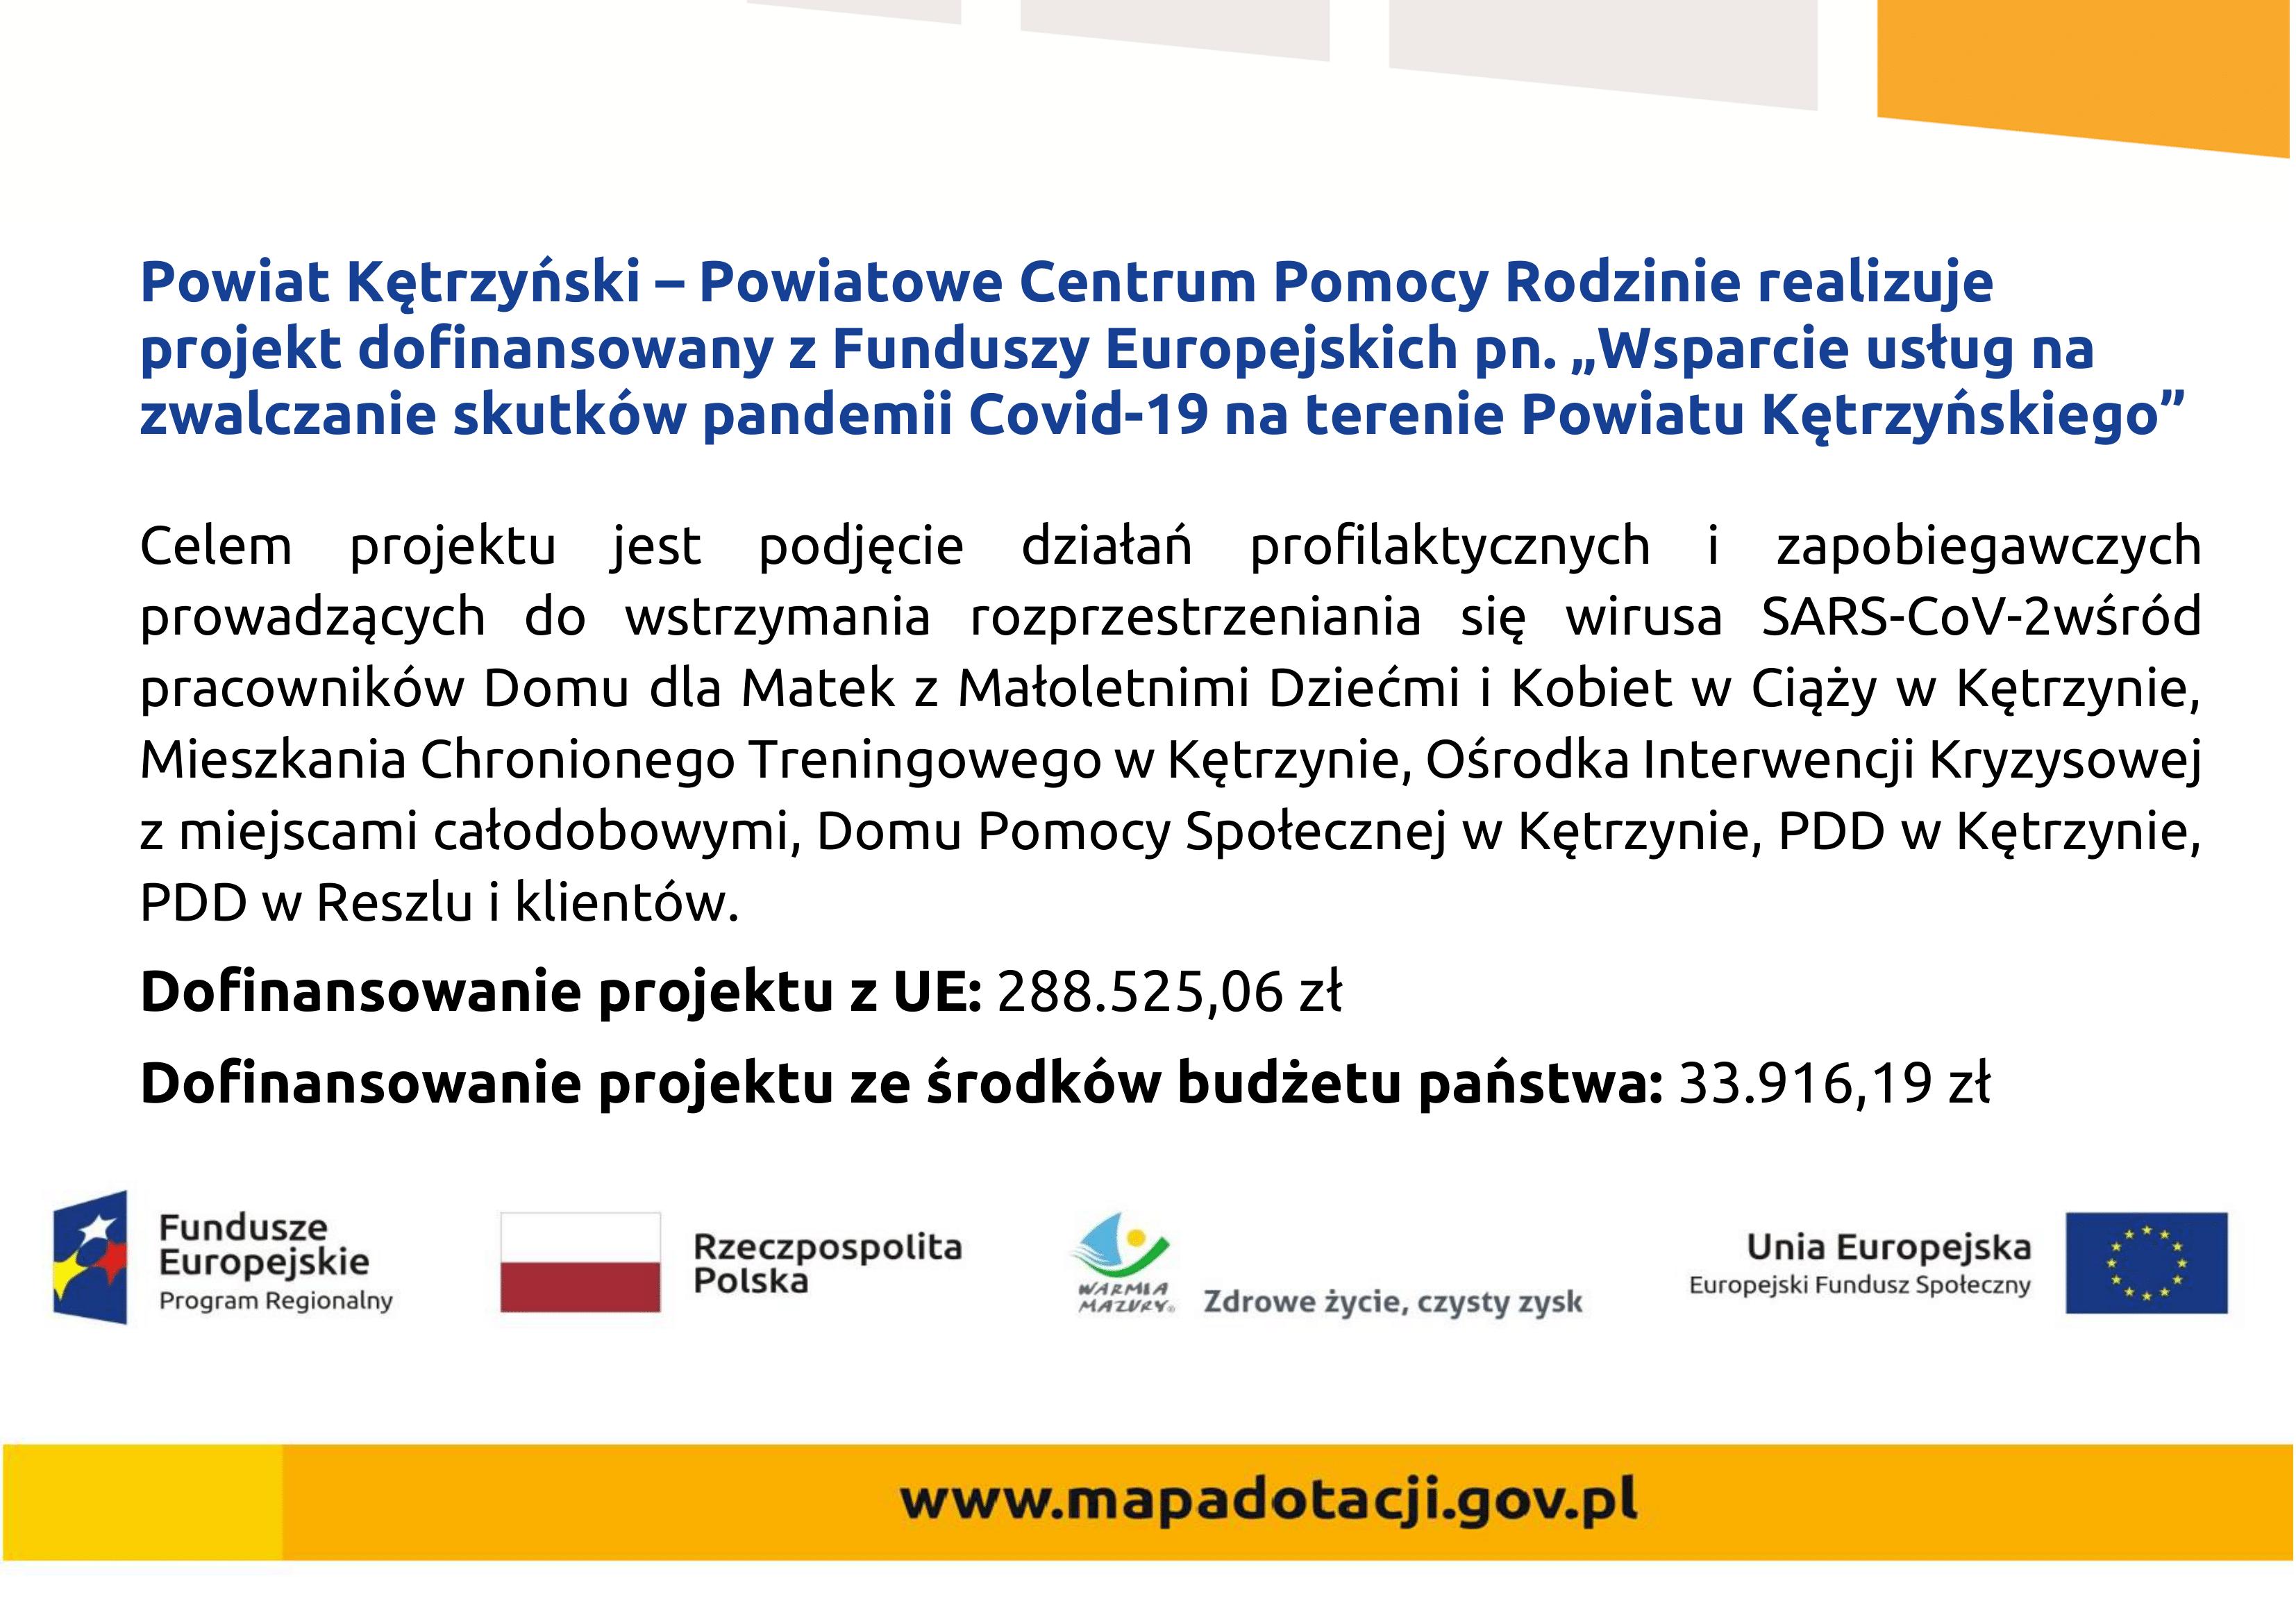 Wsparcie usług na zwalczanie skutków pandemii Covid-19 na terenie Powiatu Kętrzyńskiego